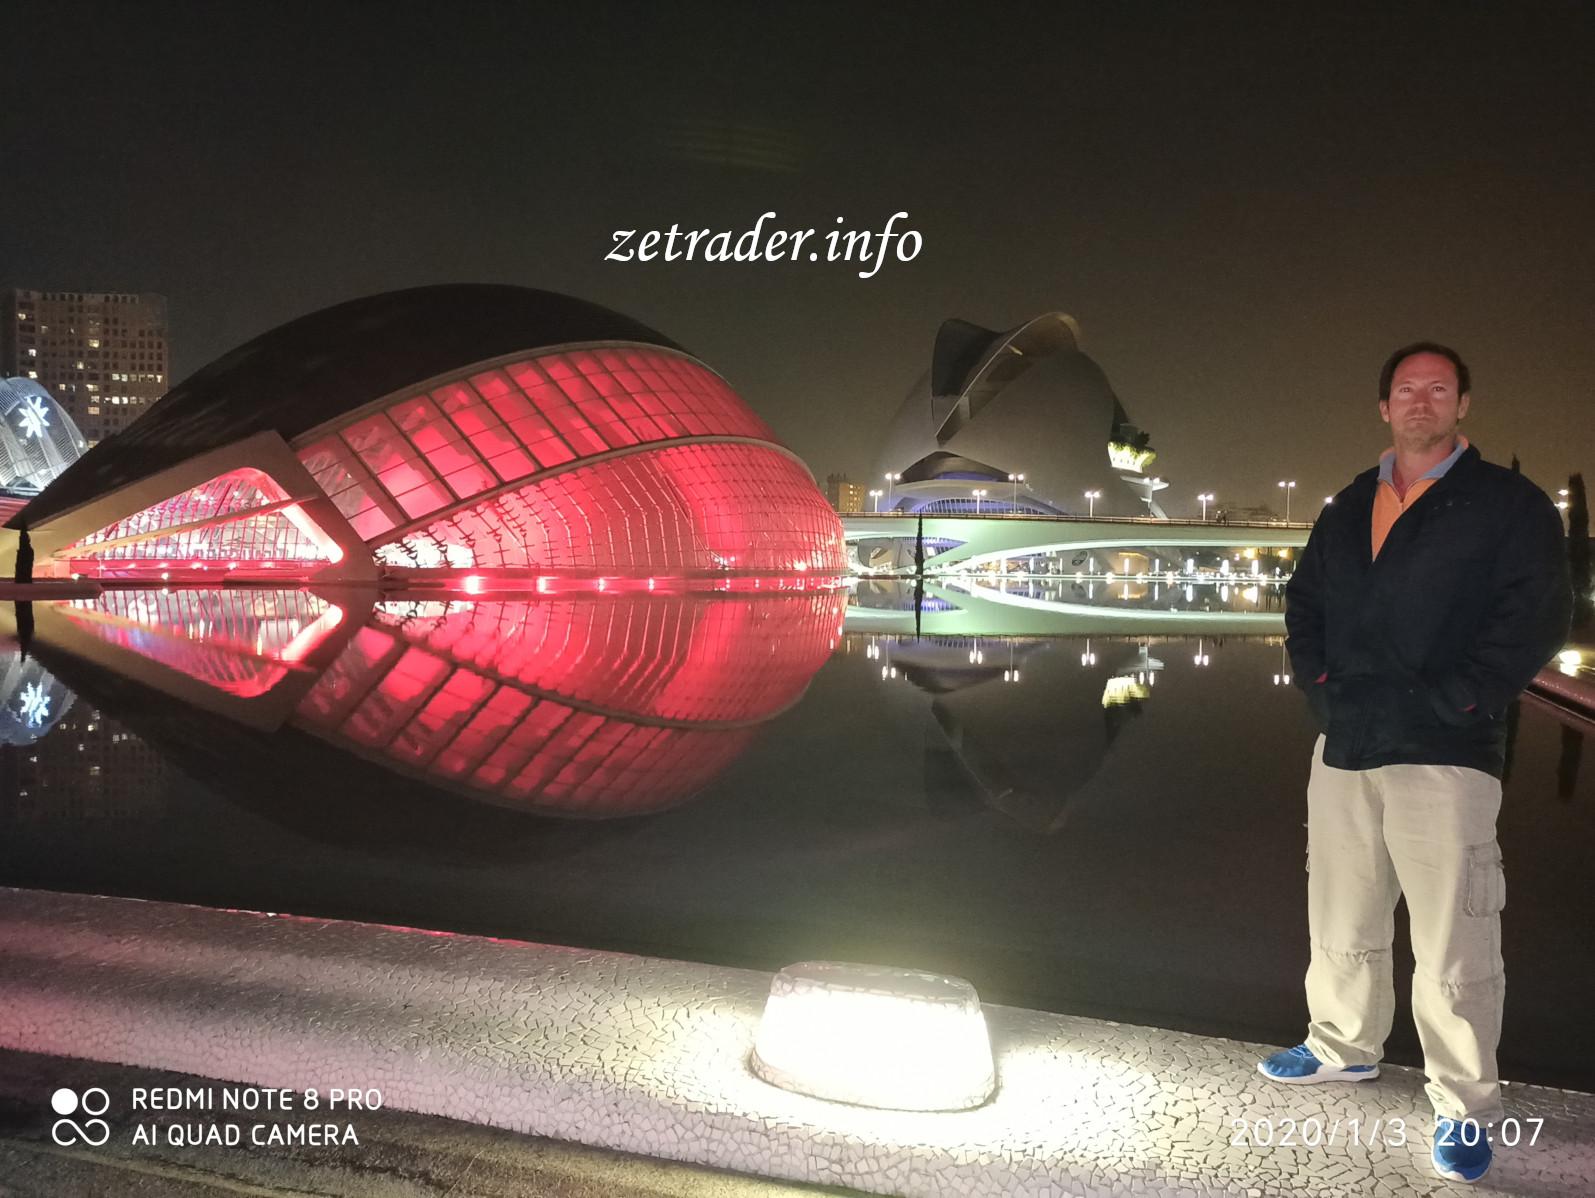 pierre-aribaut-zetrader-cite-arts-sciences-valence-espagne-3-janvier-2020-1